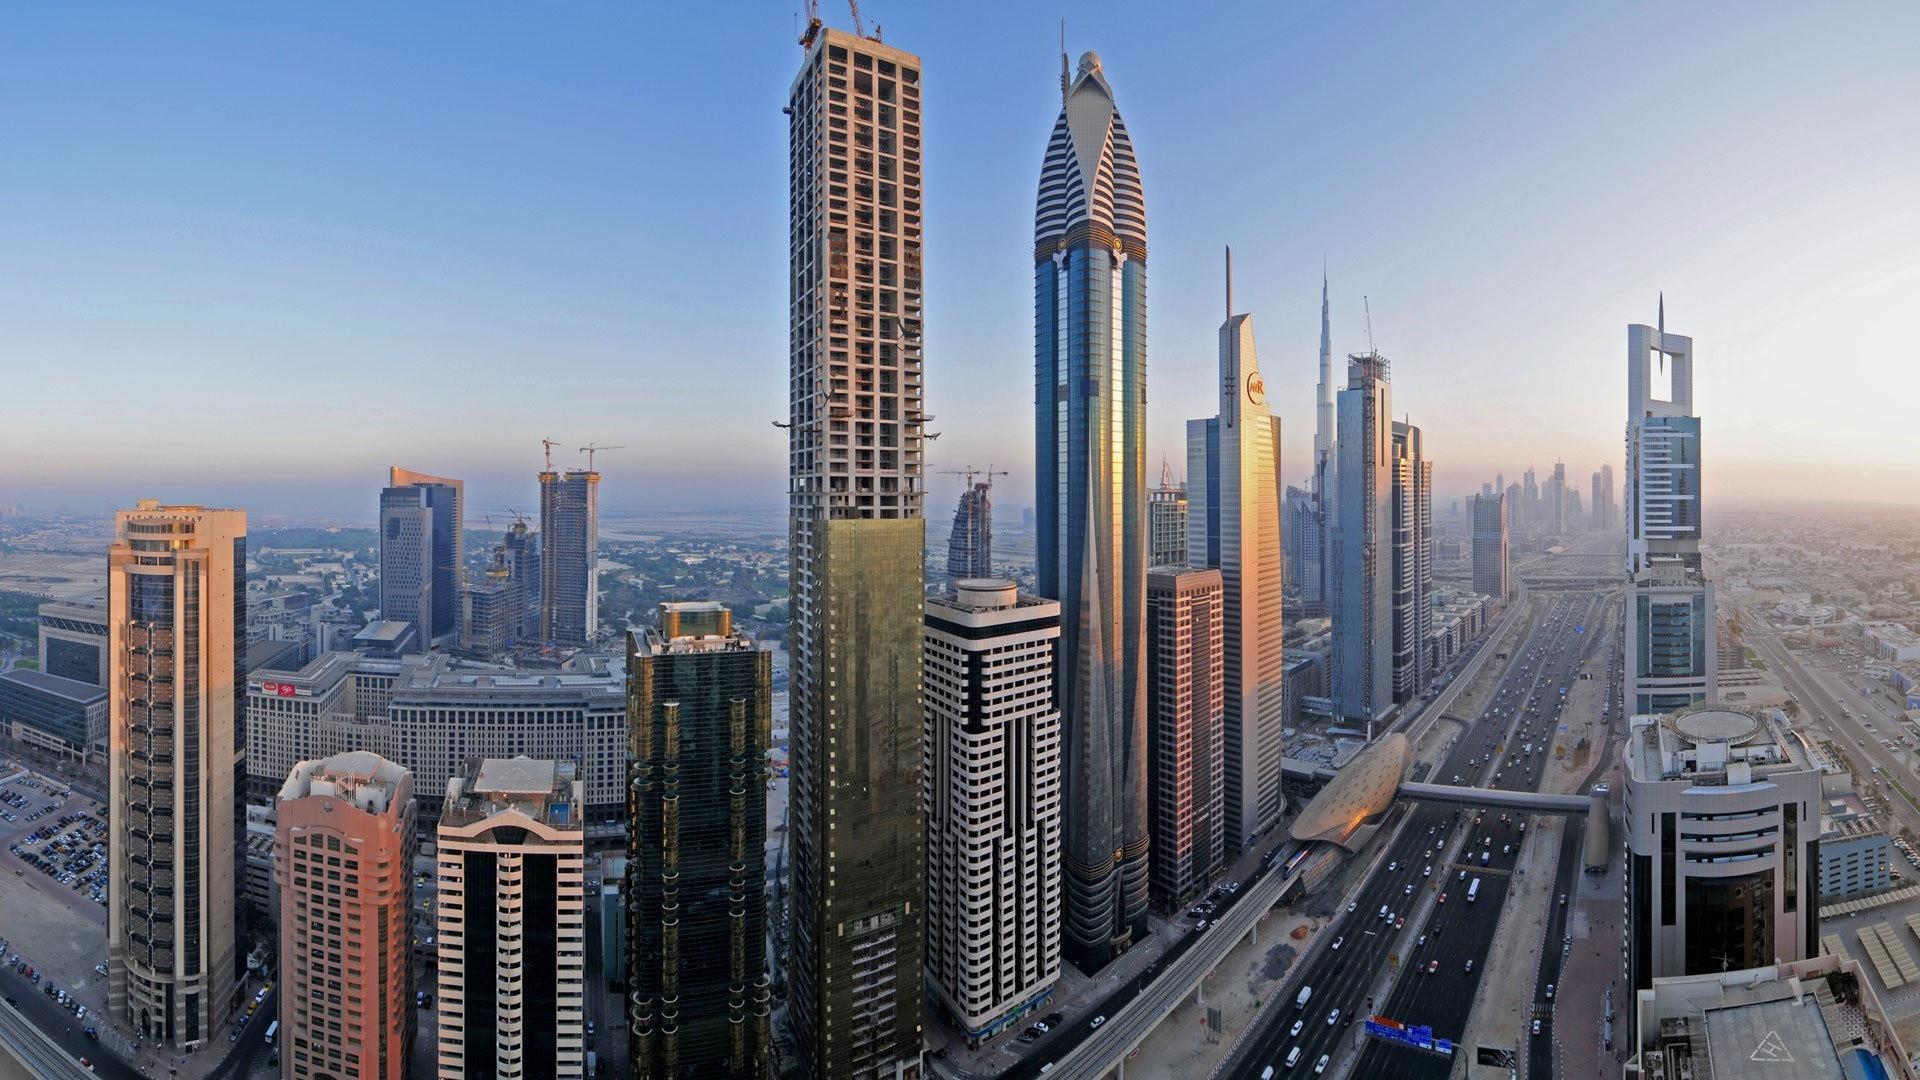 Dubai free hd wallpaper